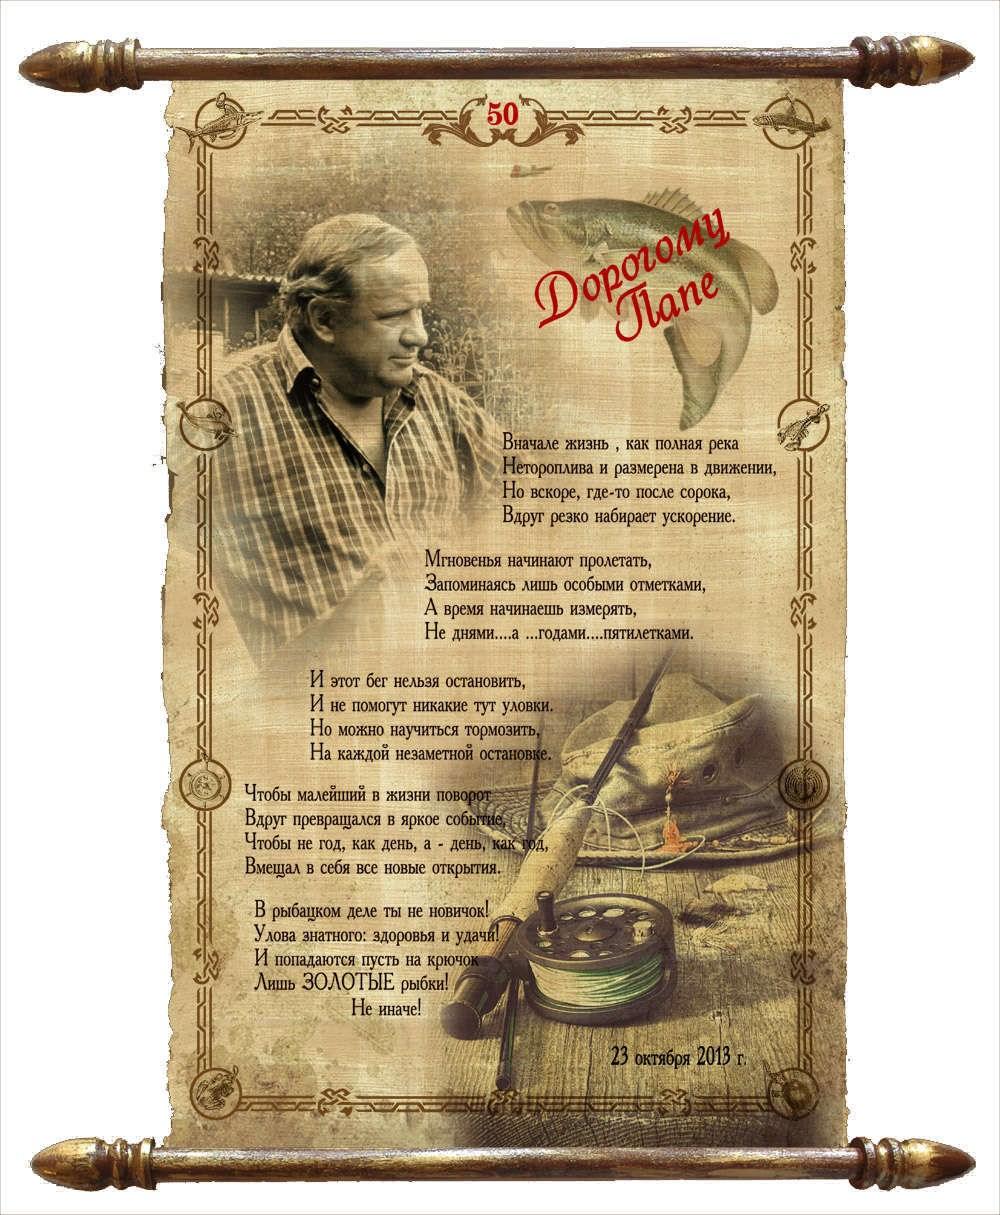 Поздравление мужчине с юбилеем рыбаку